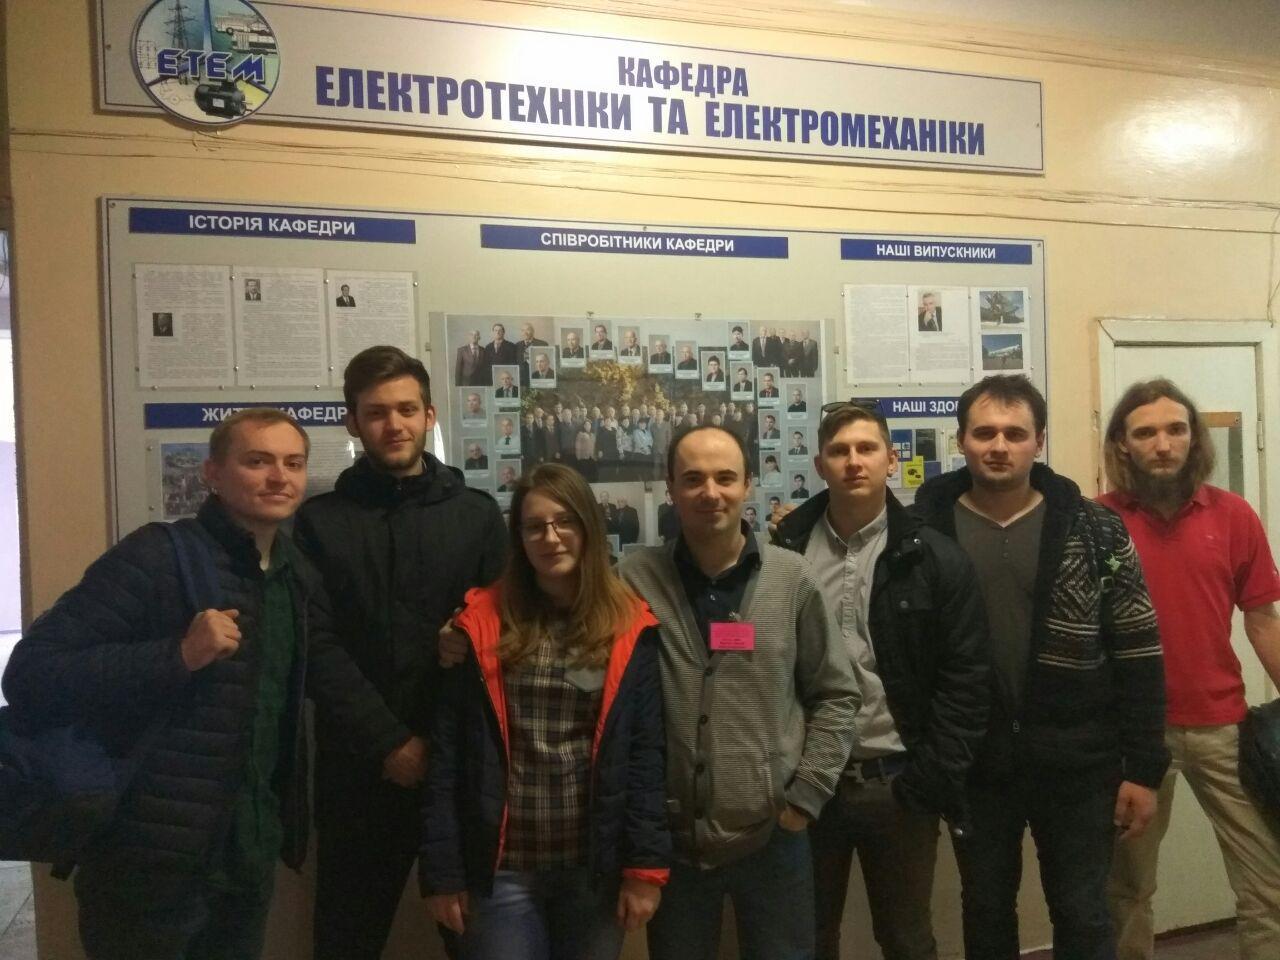 Перемога в конкурсі 2018 та Бур'ян на кафедрі в м. Кам'янське